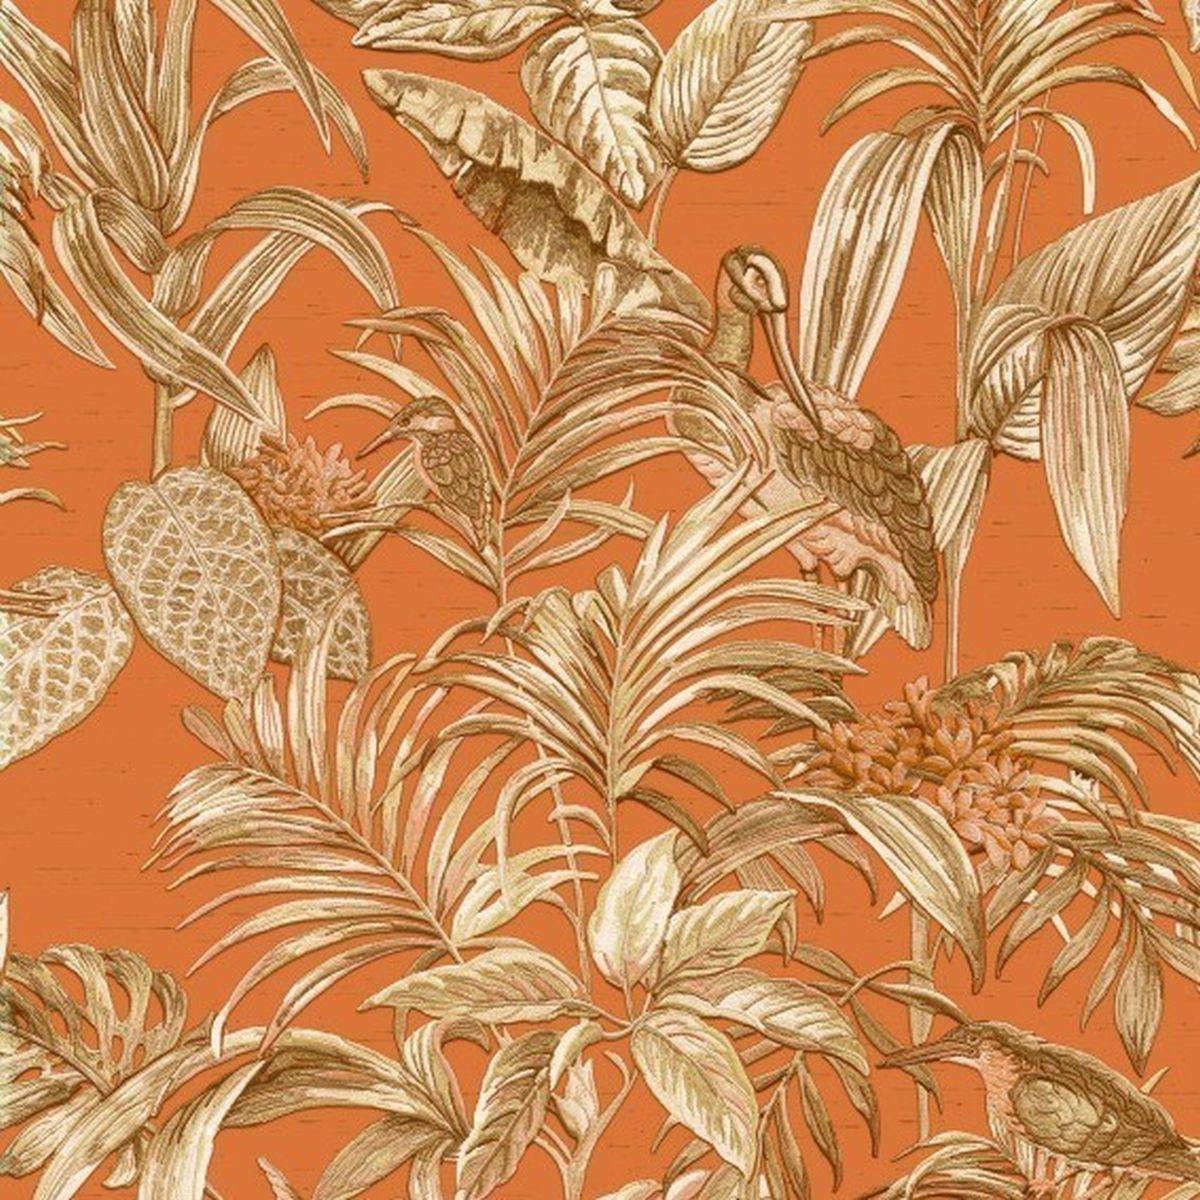 DesignID Vliestapete Ausgesuchte Designs DE120019 Orange Blumentapete